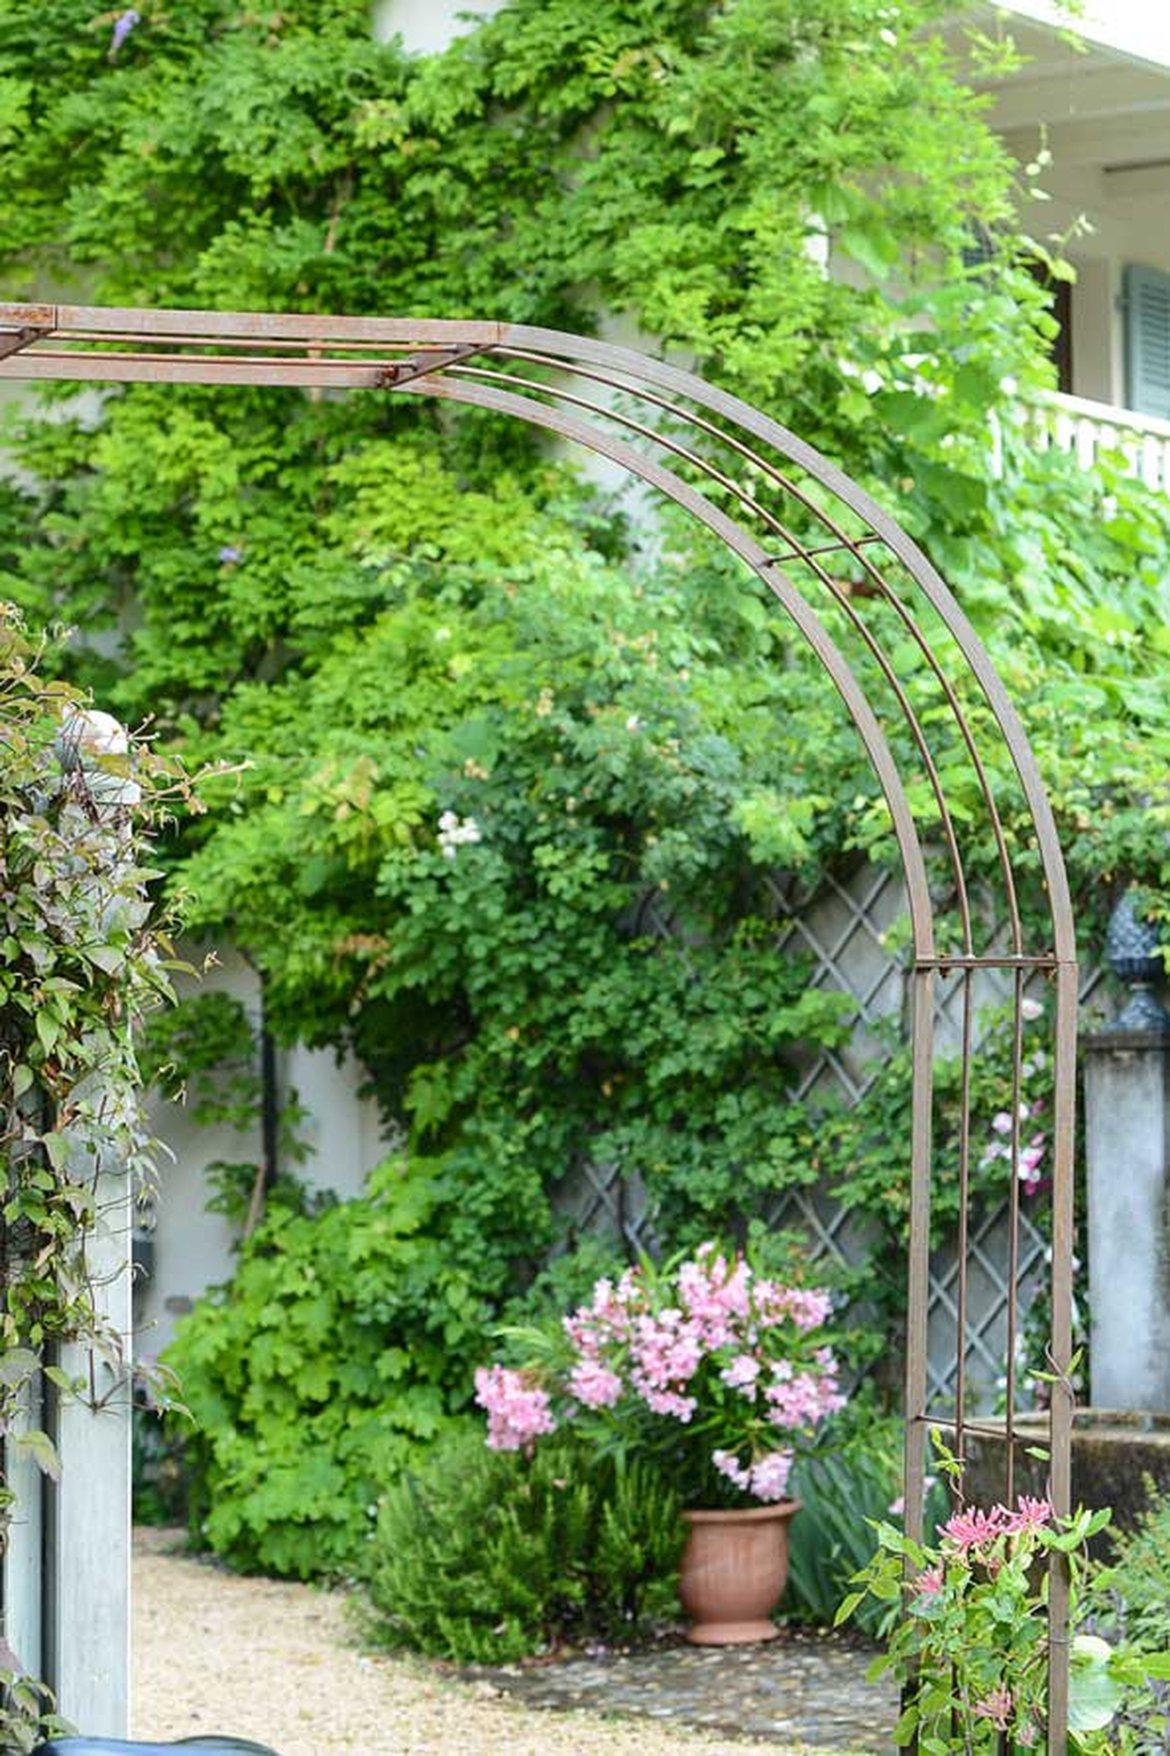 Repensez L'aménagement De Votre Jardin | Schilliger dedans Arceaux De Jardin